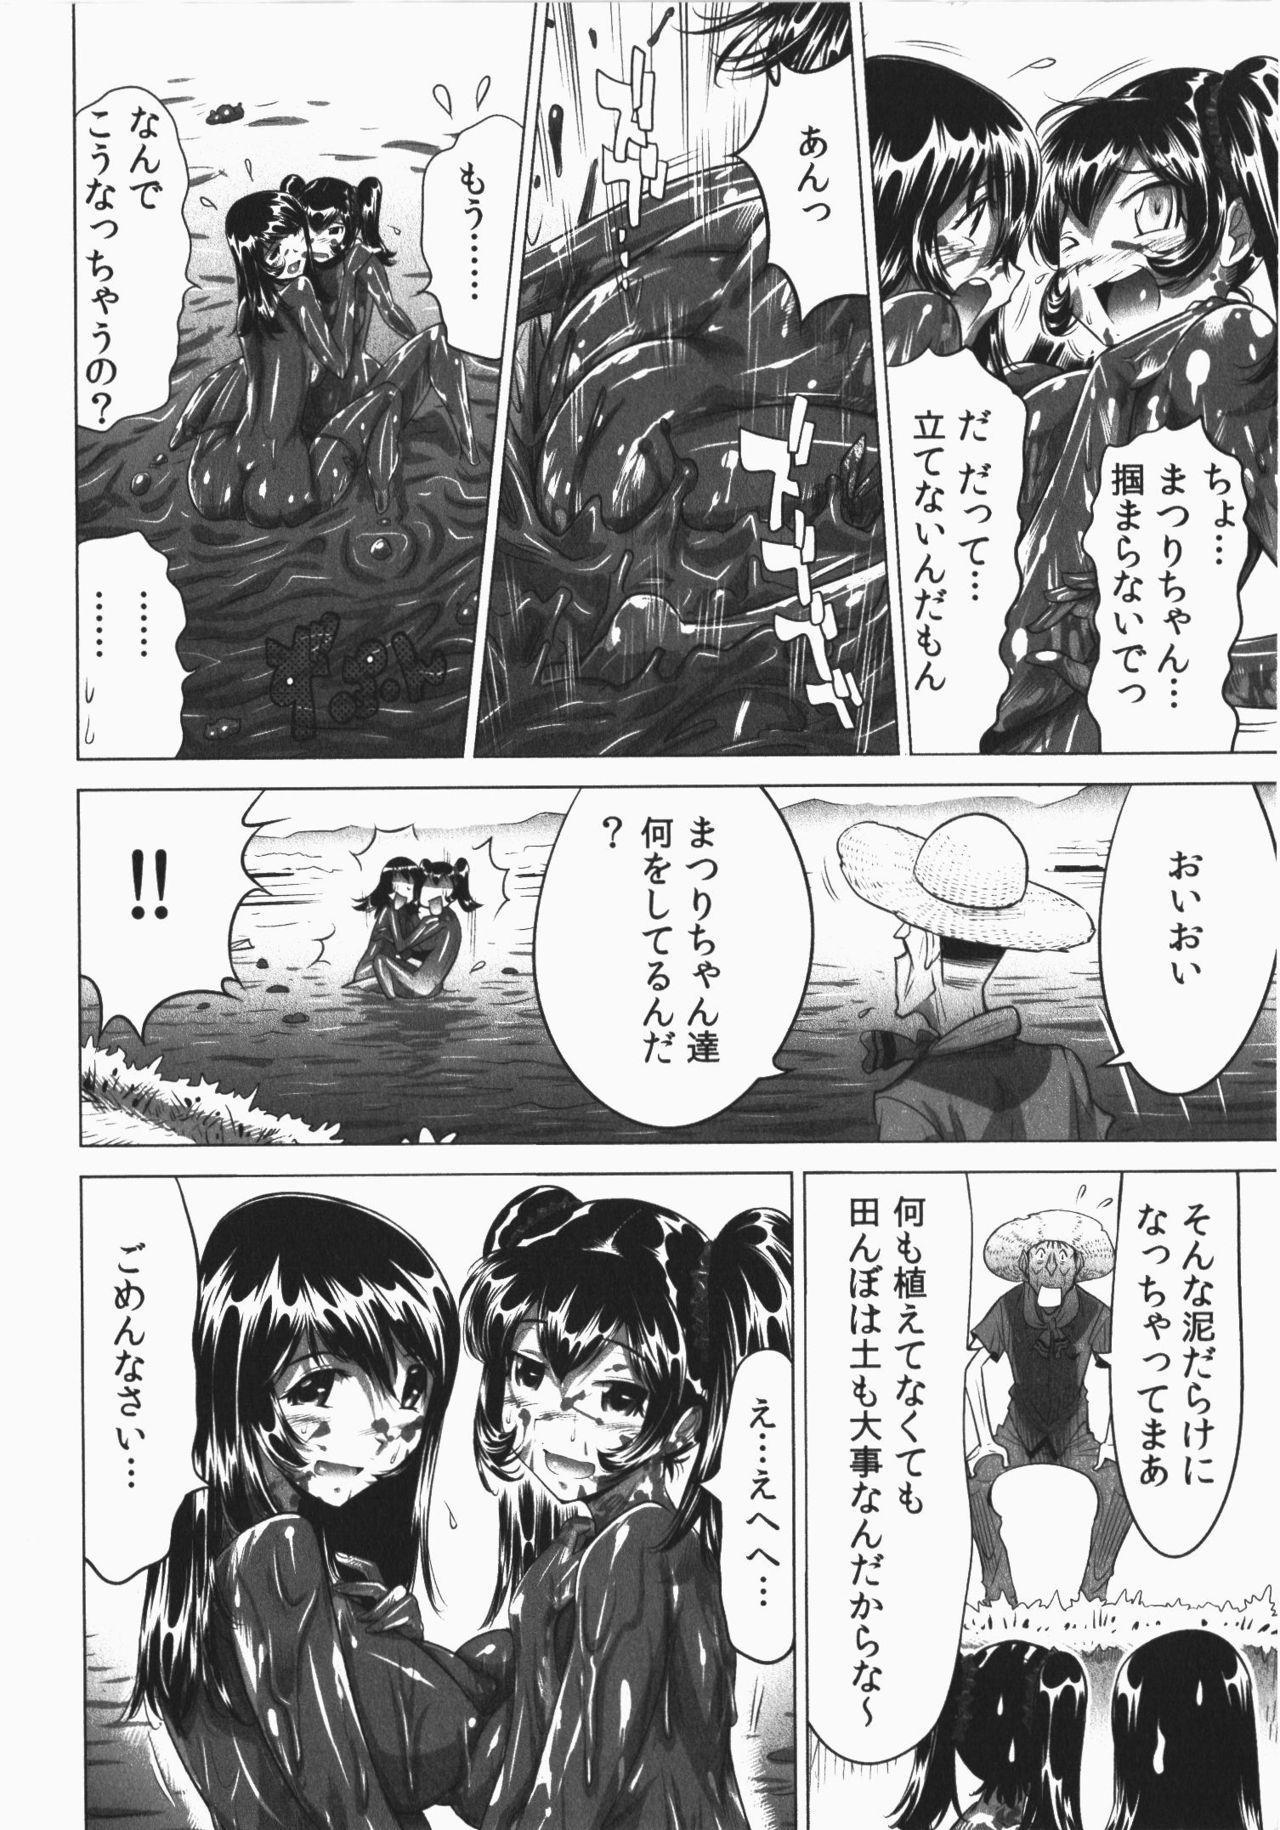 Ukkari Haicchatta! Itoko to Micchaku Game Chuu 185